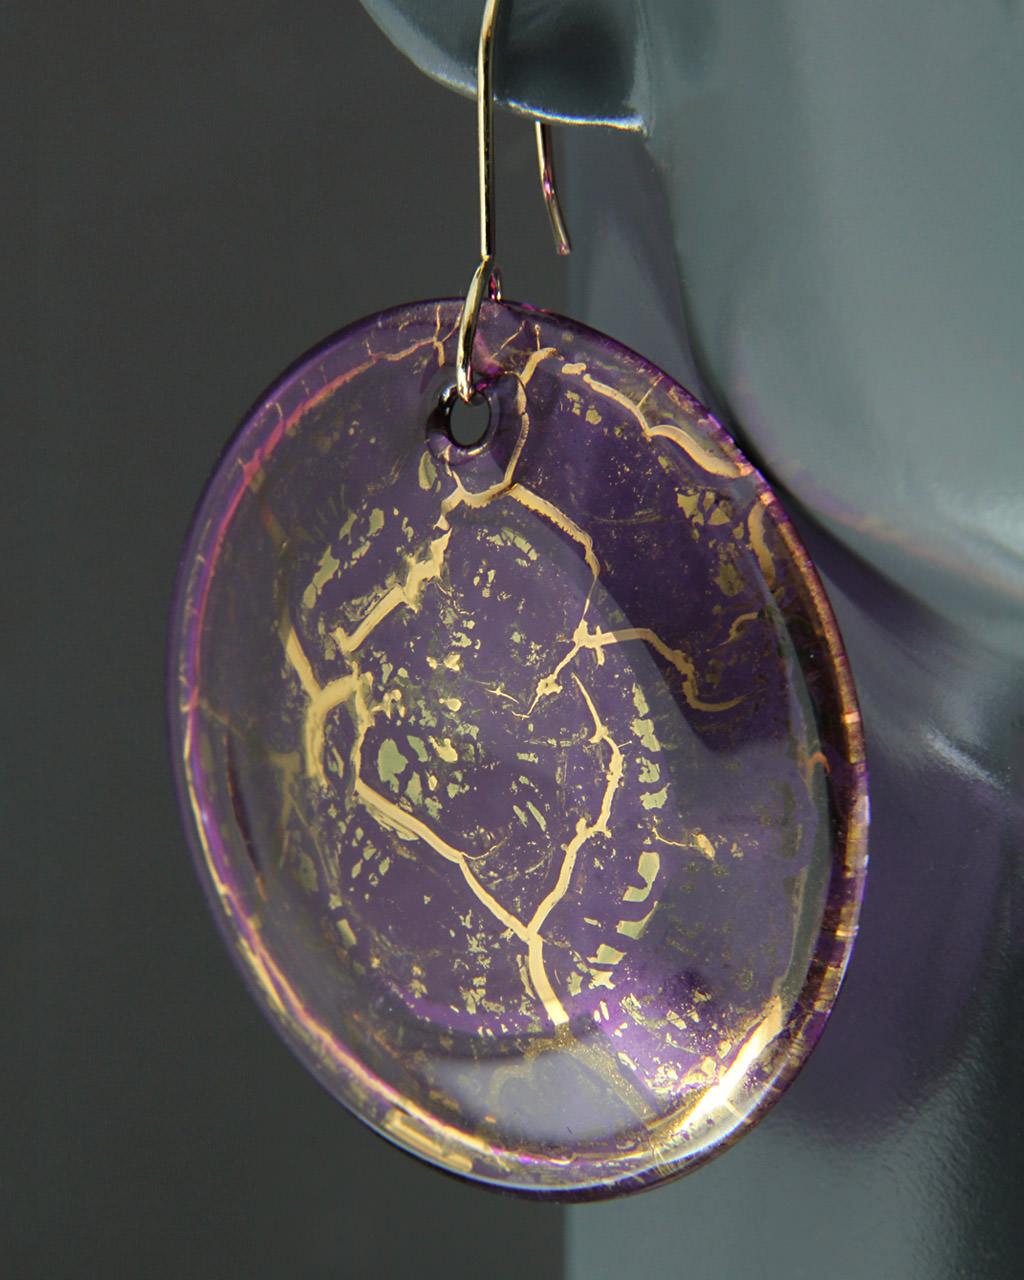 Σκουλαρίκια Κρίκοι χρυσά Κ14 με Murano   γυναικα σκουλαρίκια σκουλαρίκια ημιπολύτιμοι λίθοι